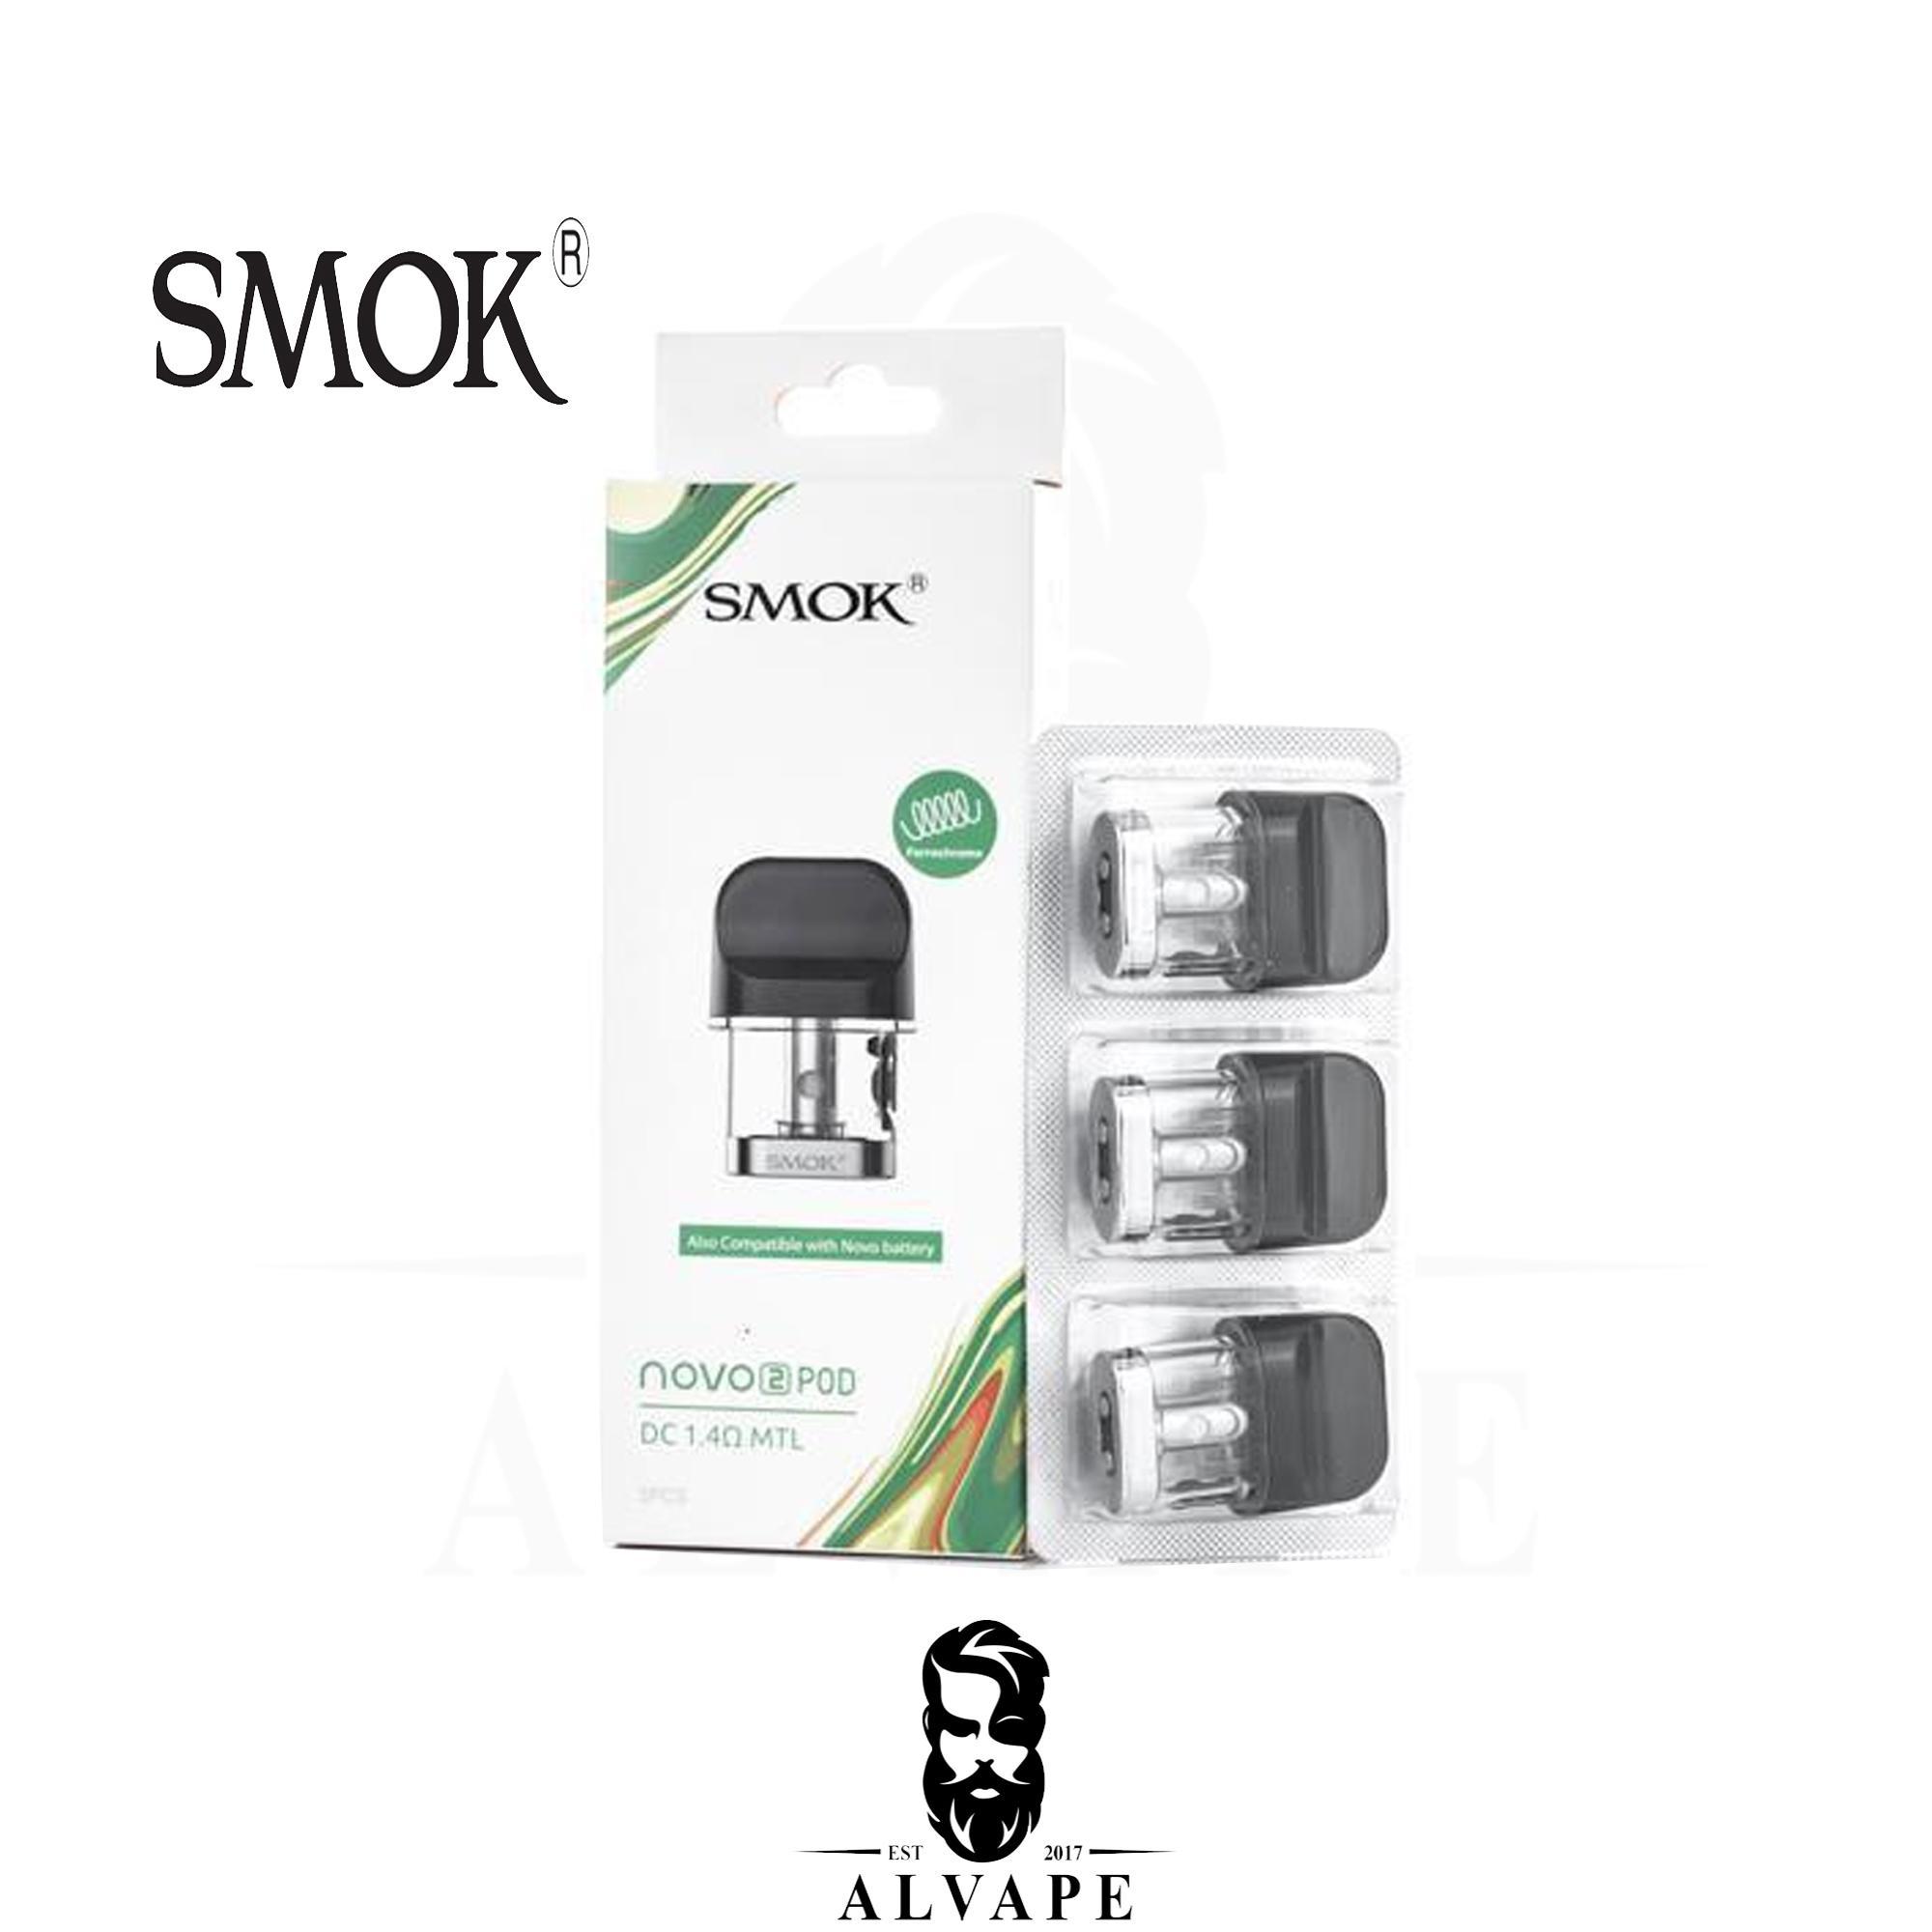 بودات سموك نوفو 2 SMOK Novo 2 Pod,